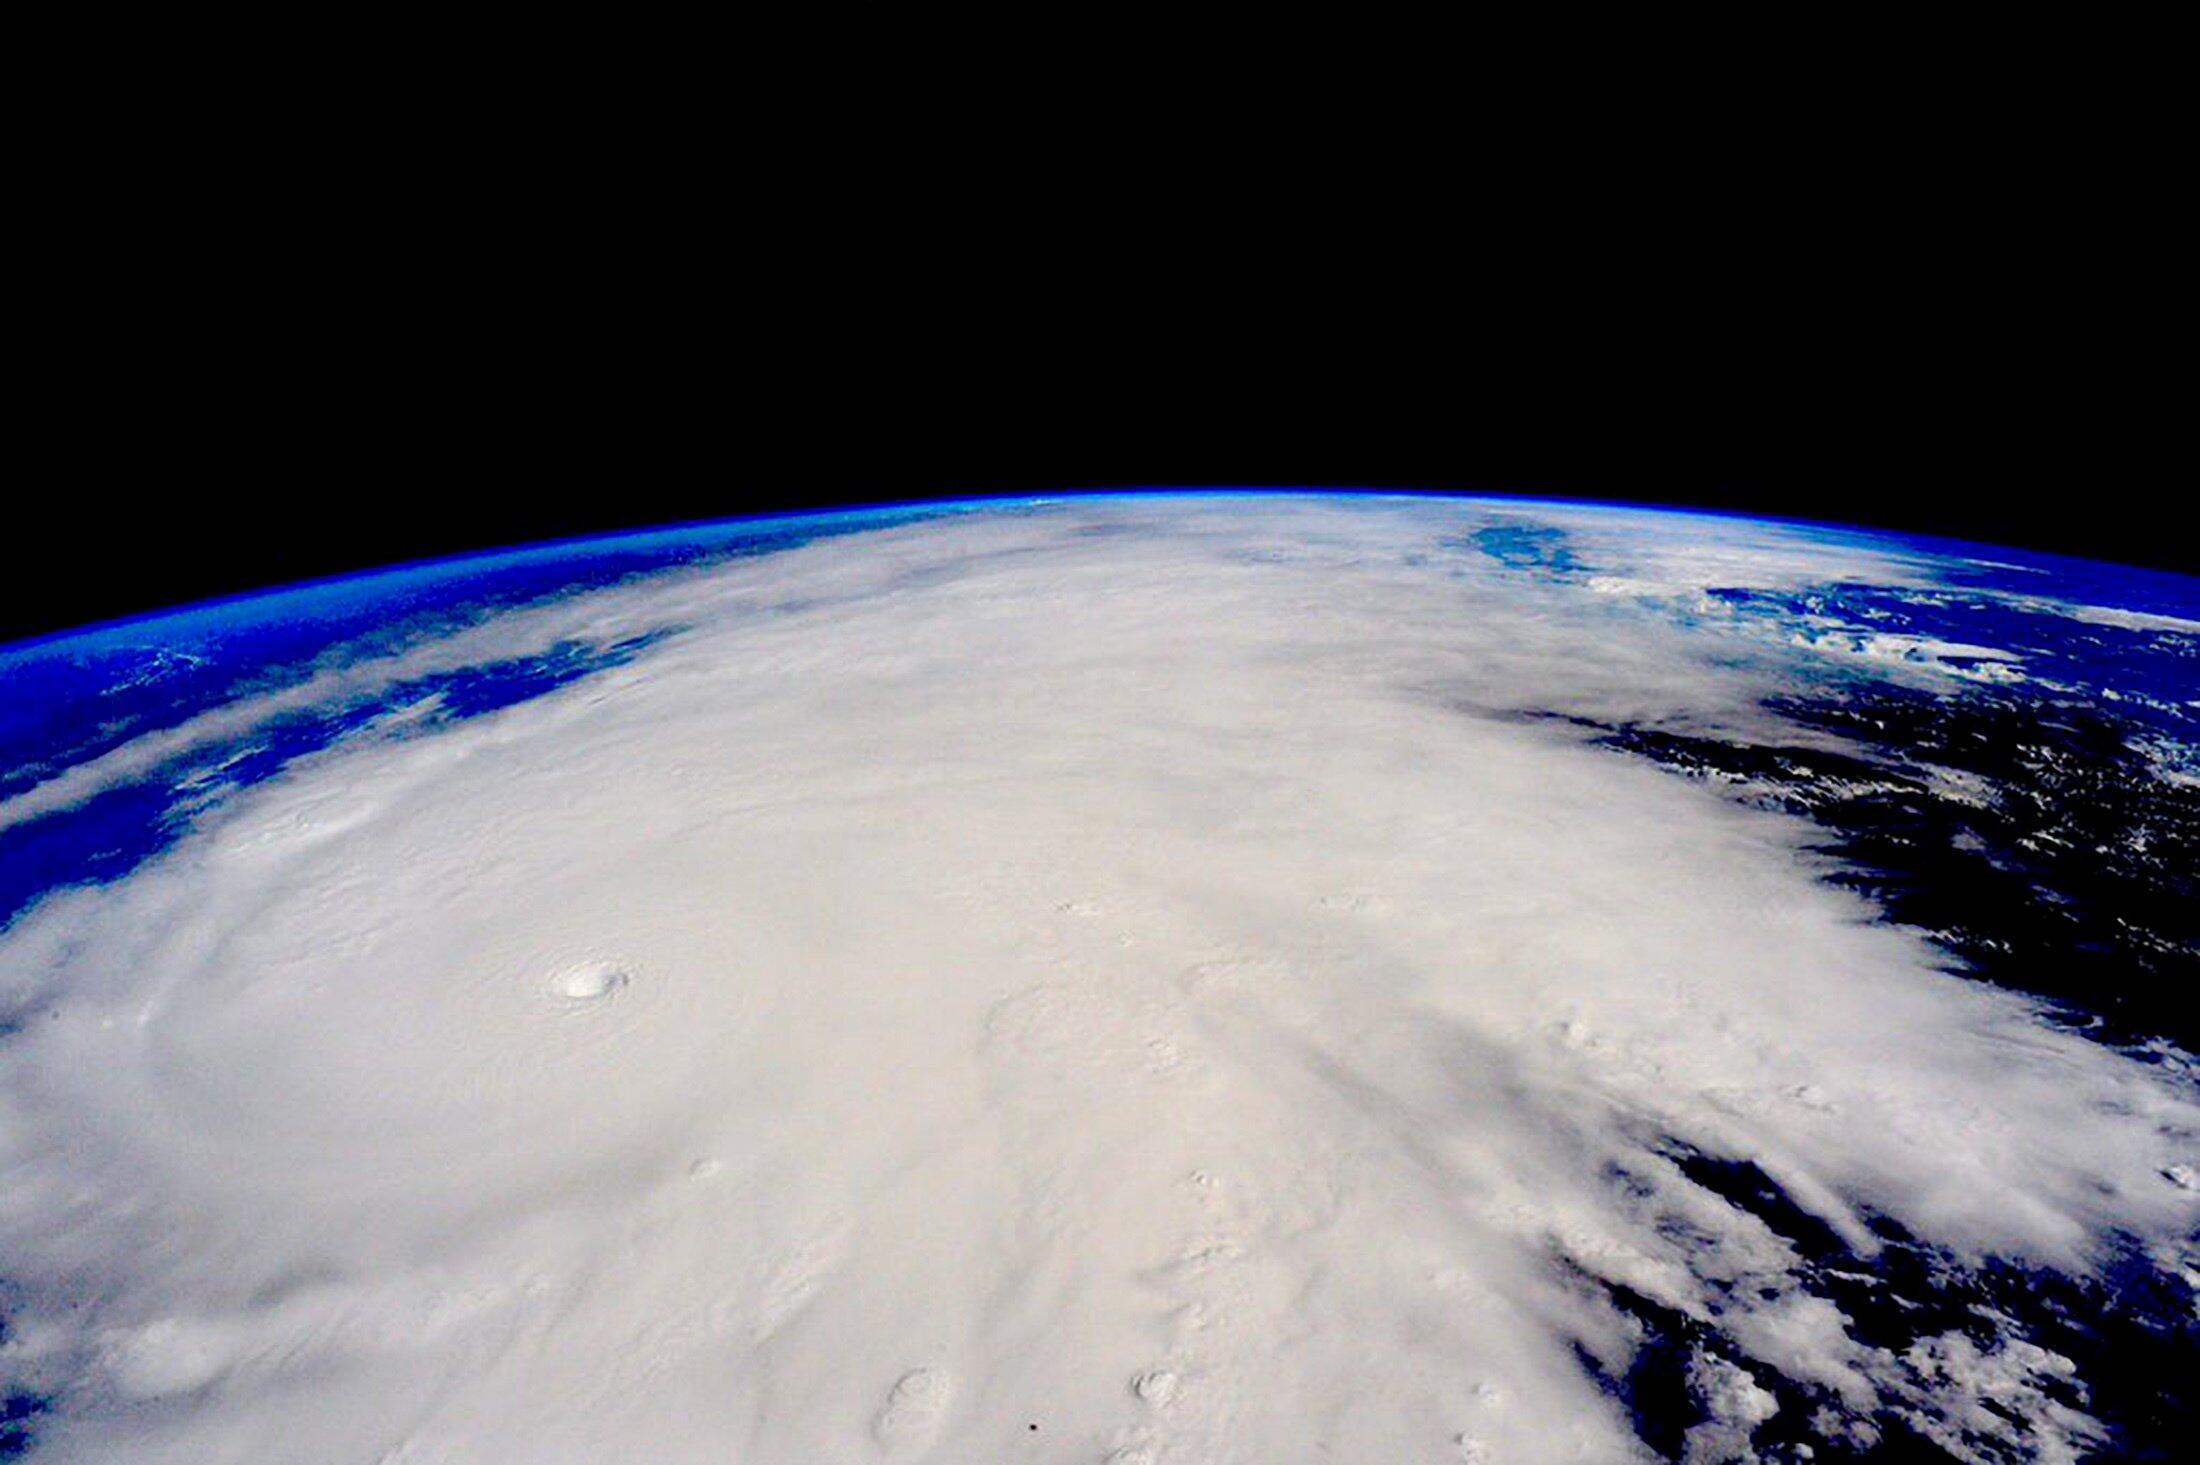 Photo satellite de l'ouragan Patricia au Mexique prise par la Nasa, depuis la Station Spatiale Internationale, le 23 octobre 2015.